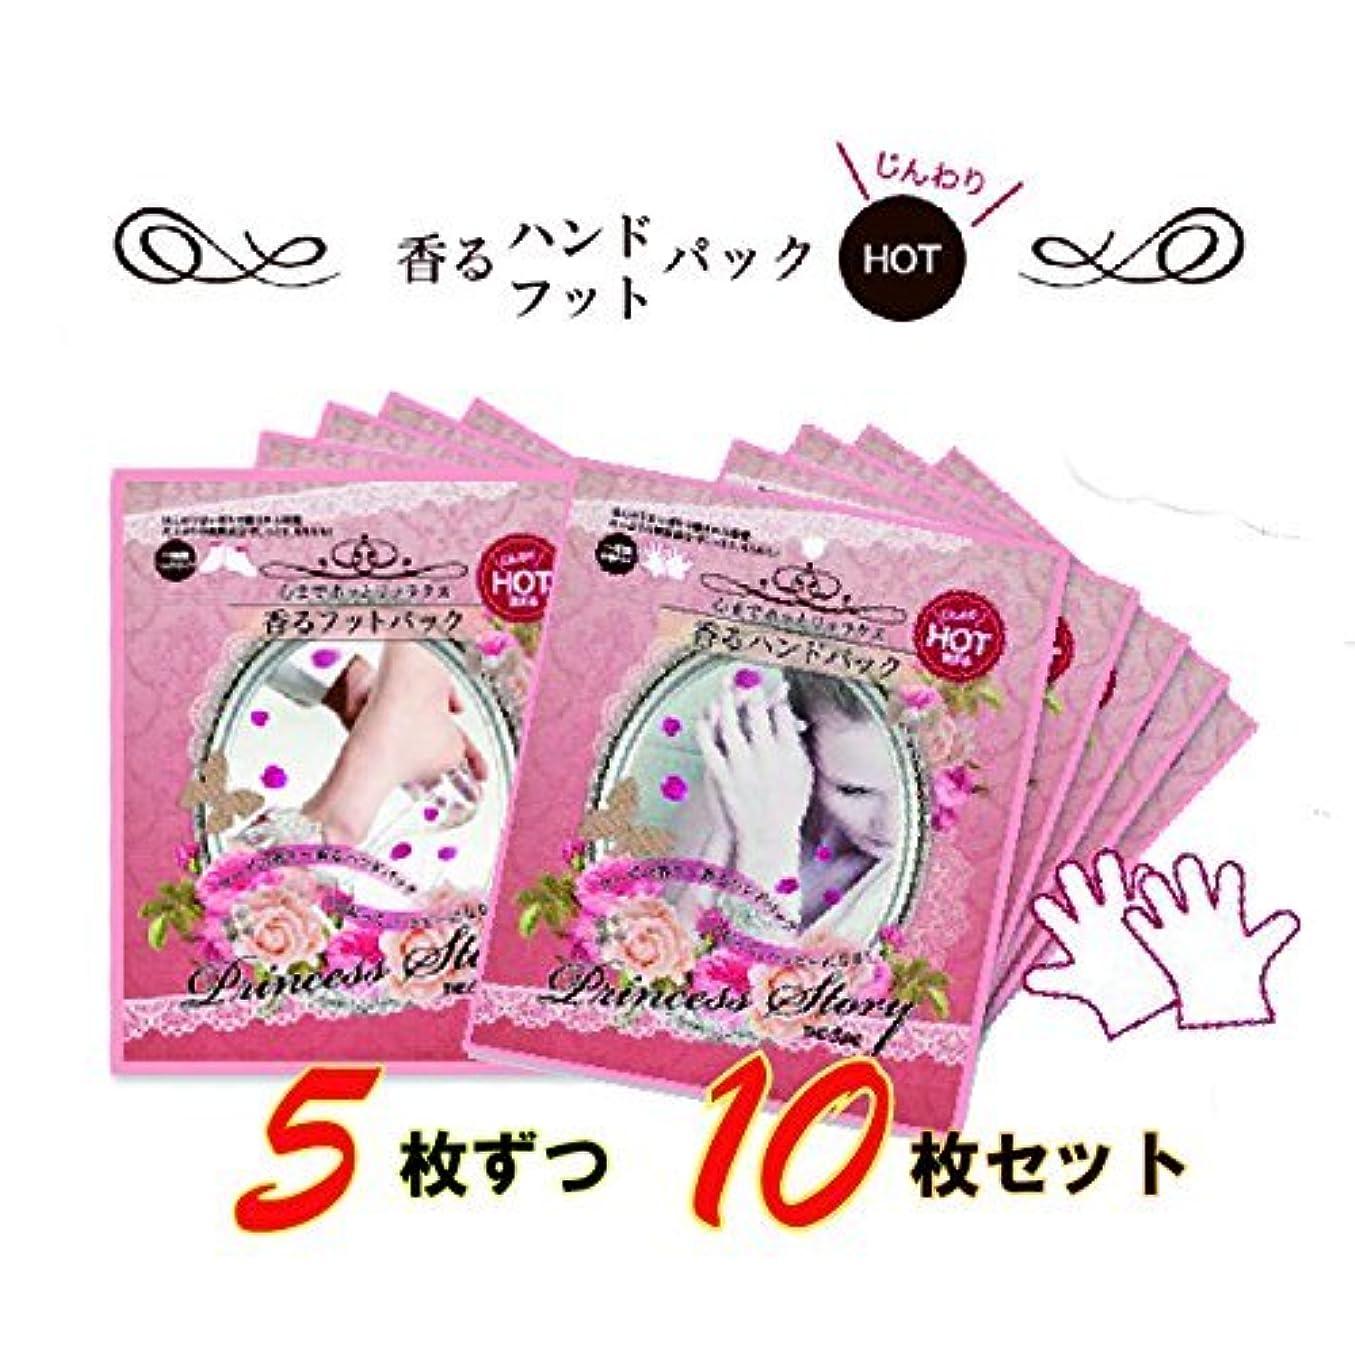 香るハンド &フットパック HOT キュア プリンセス ストーリーTHE CURE 5枚ずつ10枚セット